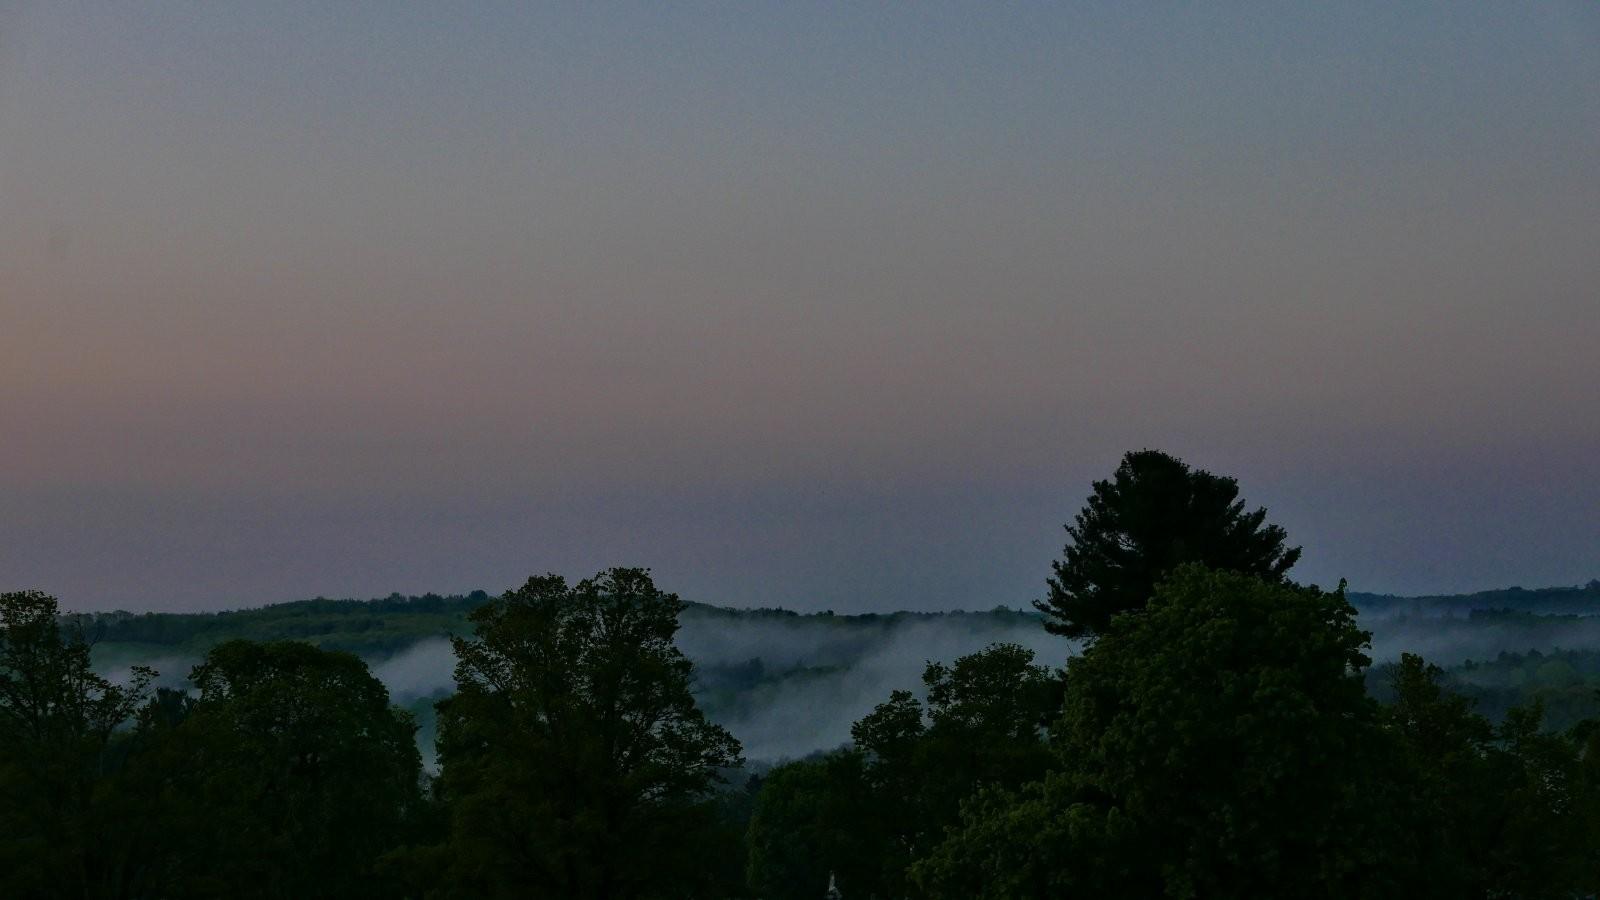 LX100 Sunrise and fog at St. Mary's Cemetery 013 copy.jpg